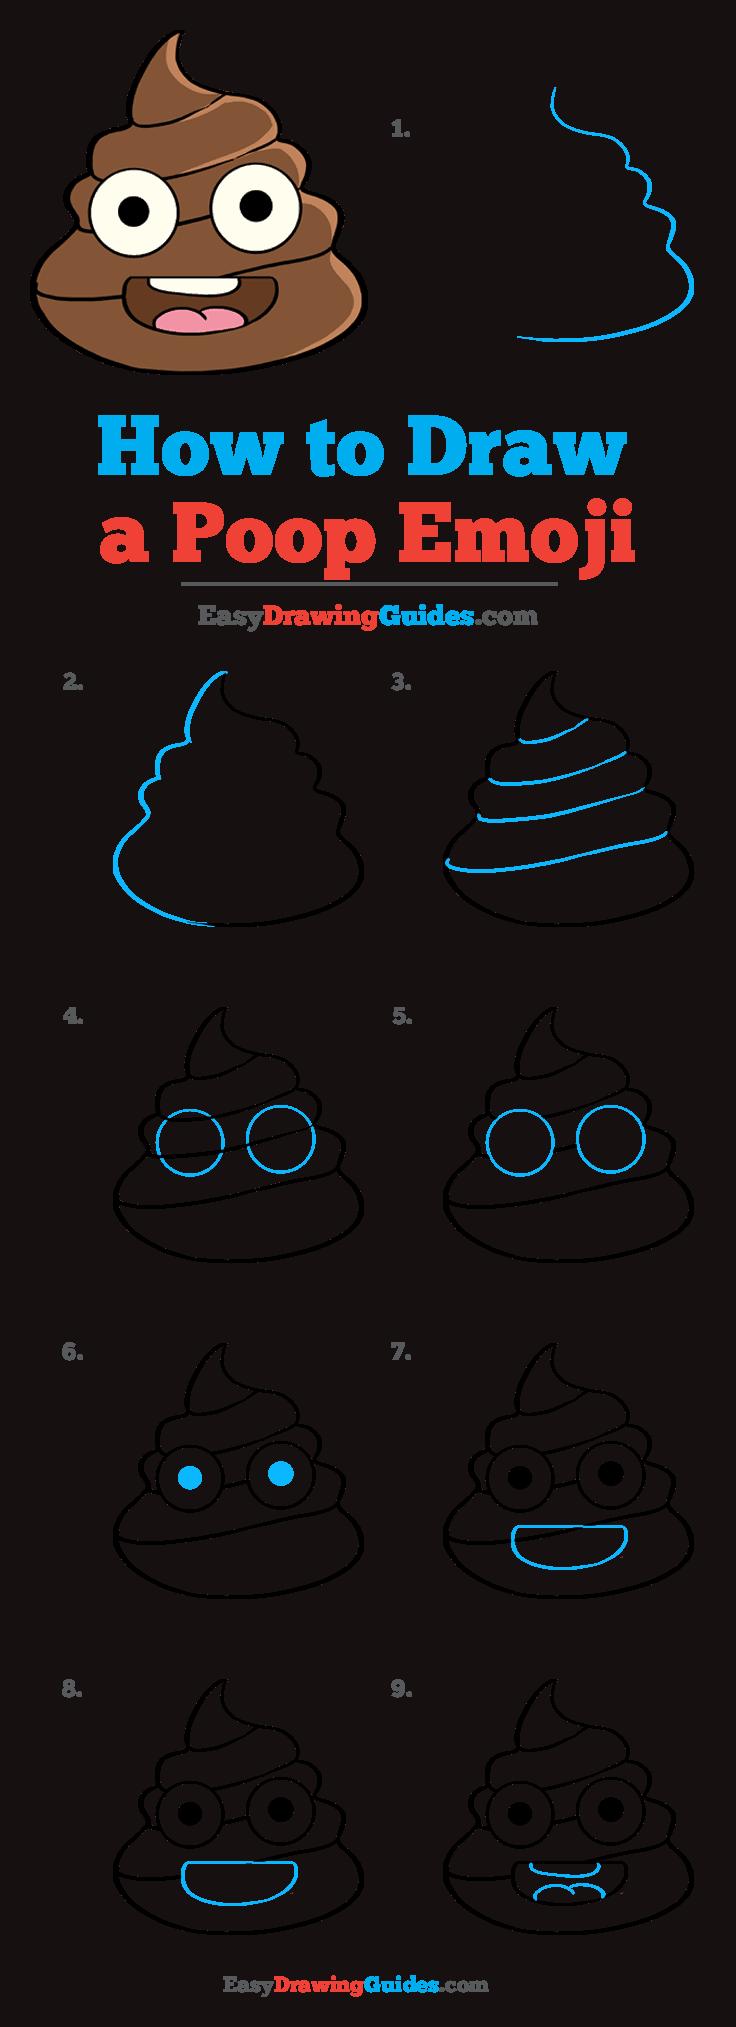 How to Draw Poop Emoji